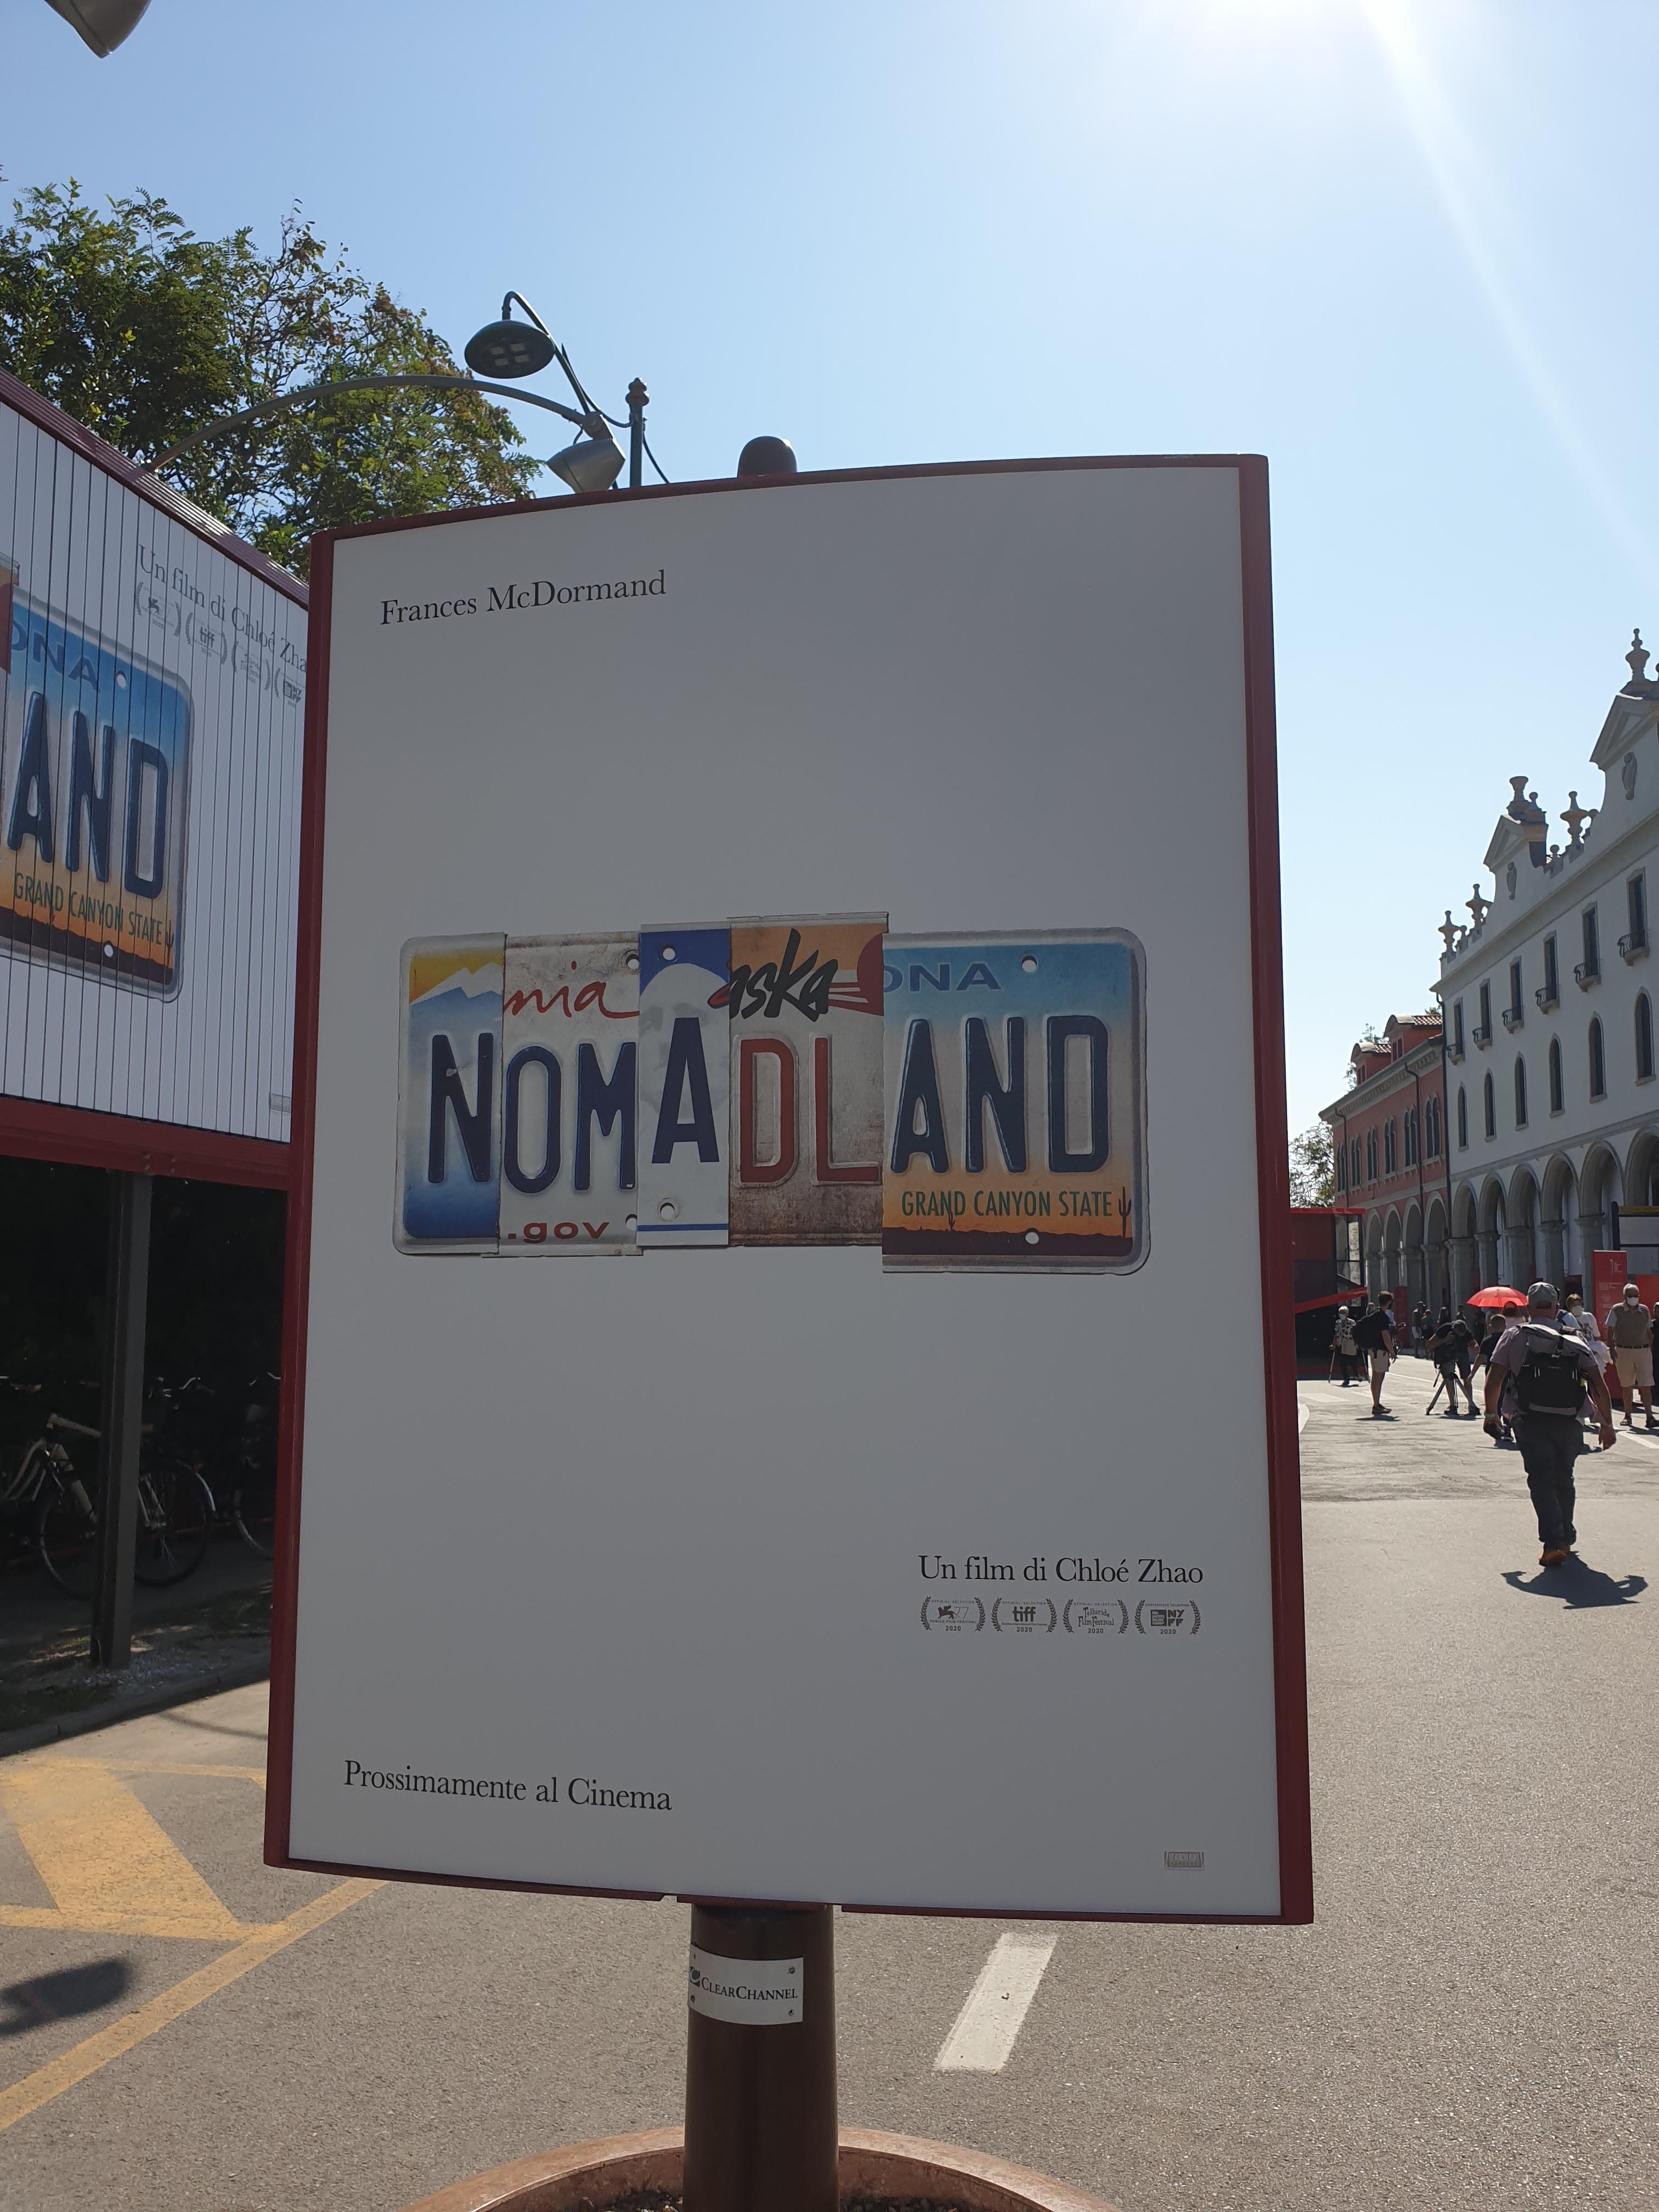 Nomadland - Mostra del Cinema di Venezia - 77' edizione